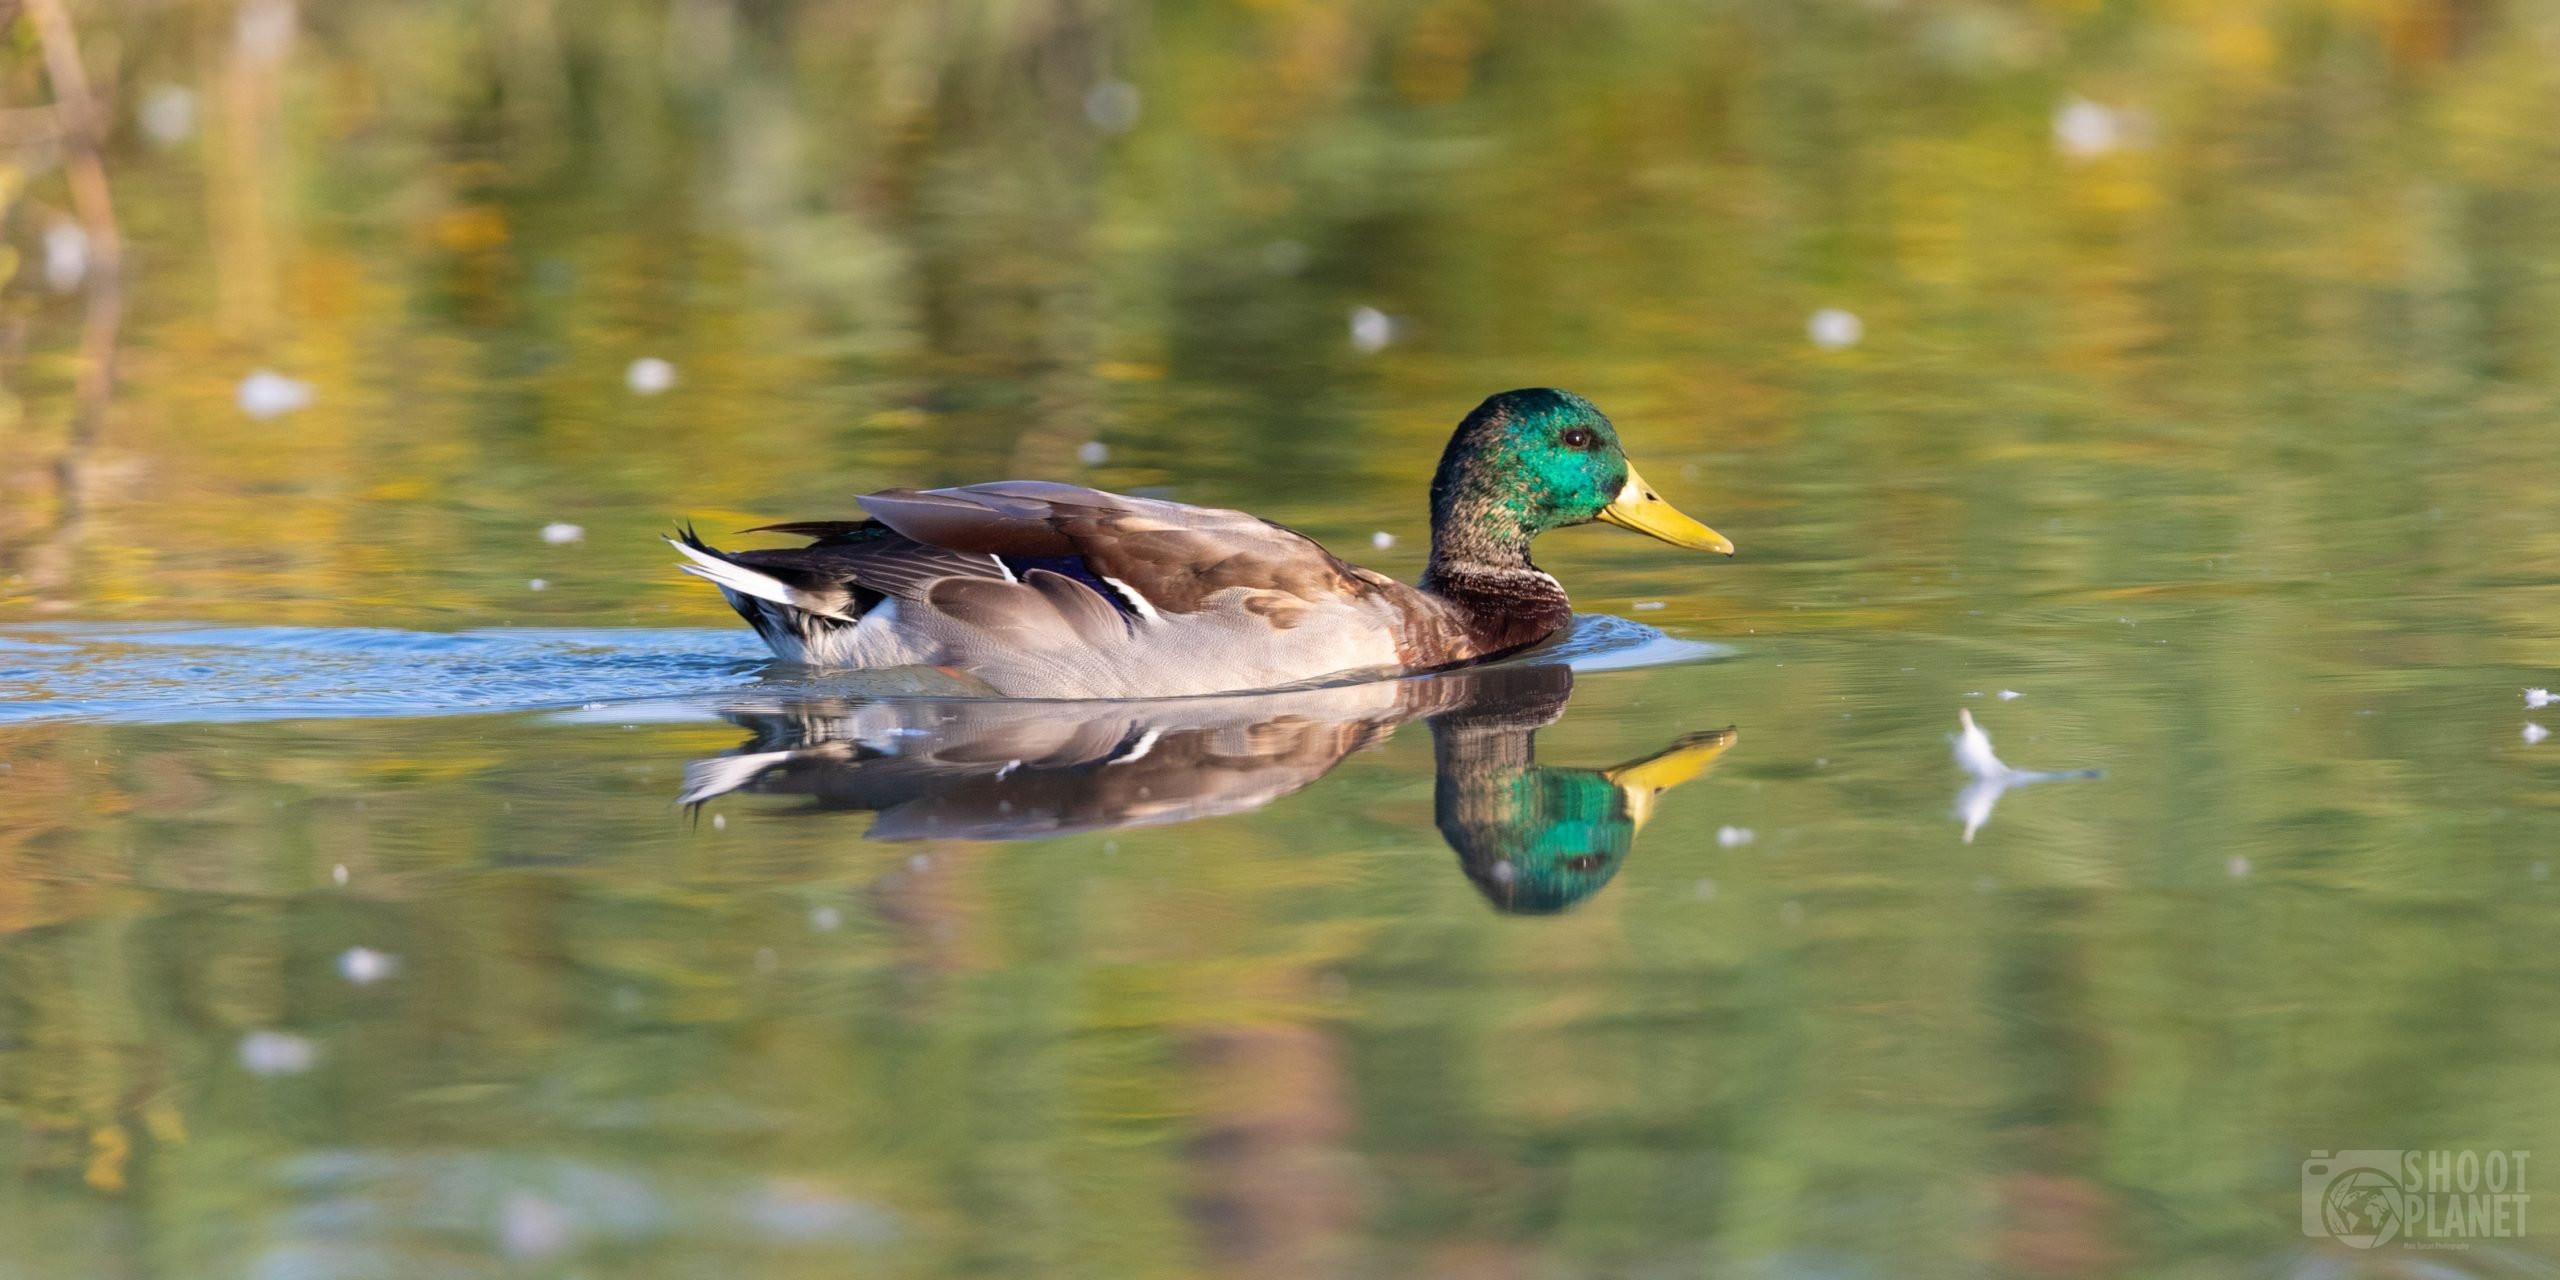 Mallard duck portrait in Camargue France